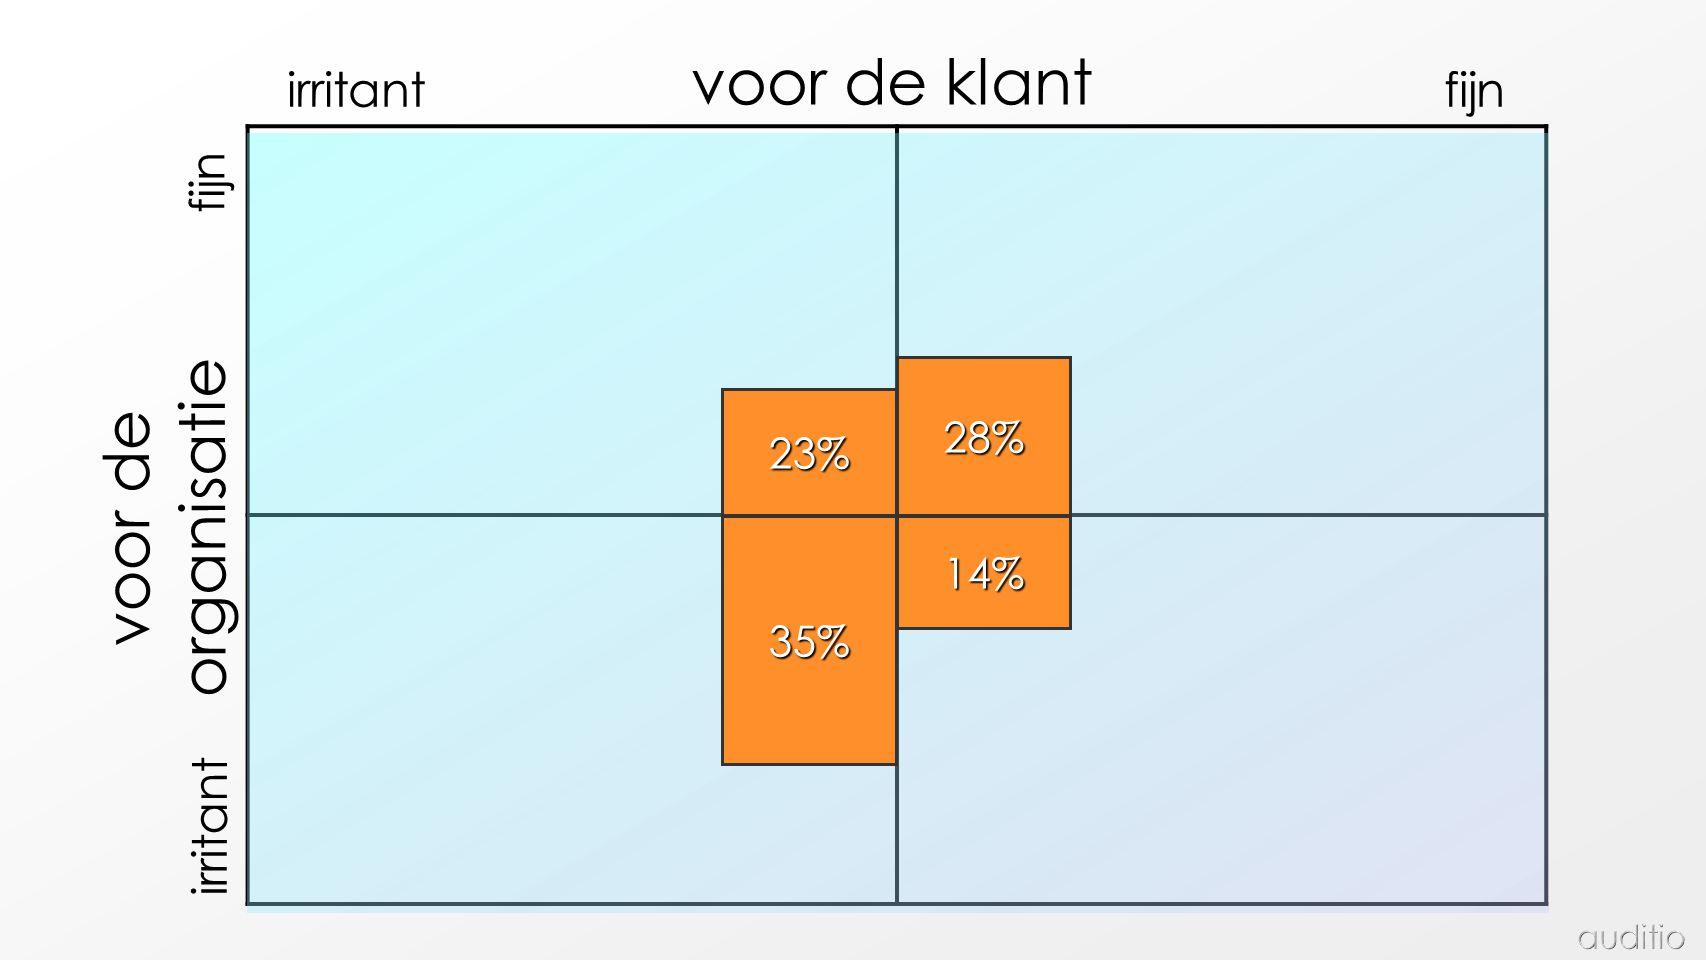 fijn irritant voor de organisatie fijnirritant voor de klant 23% 14% 28% 35%